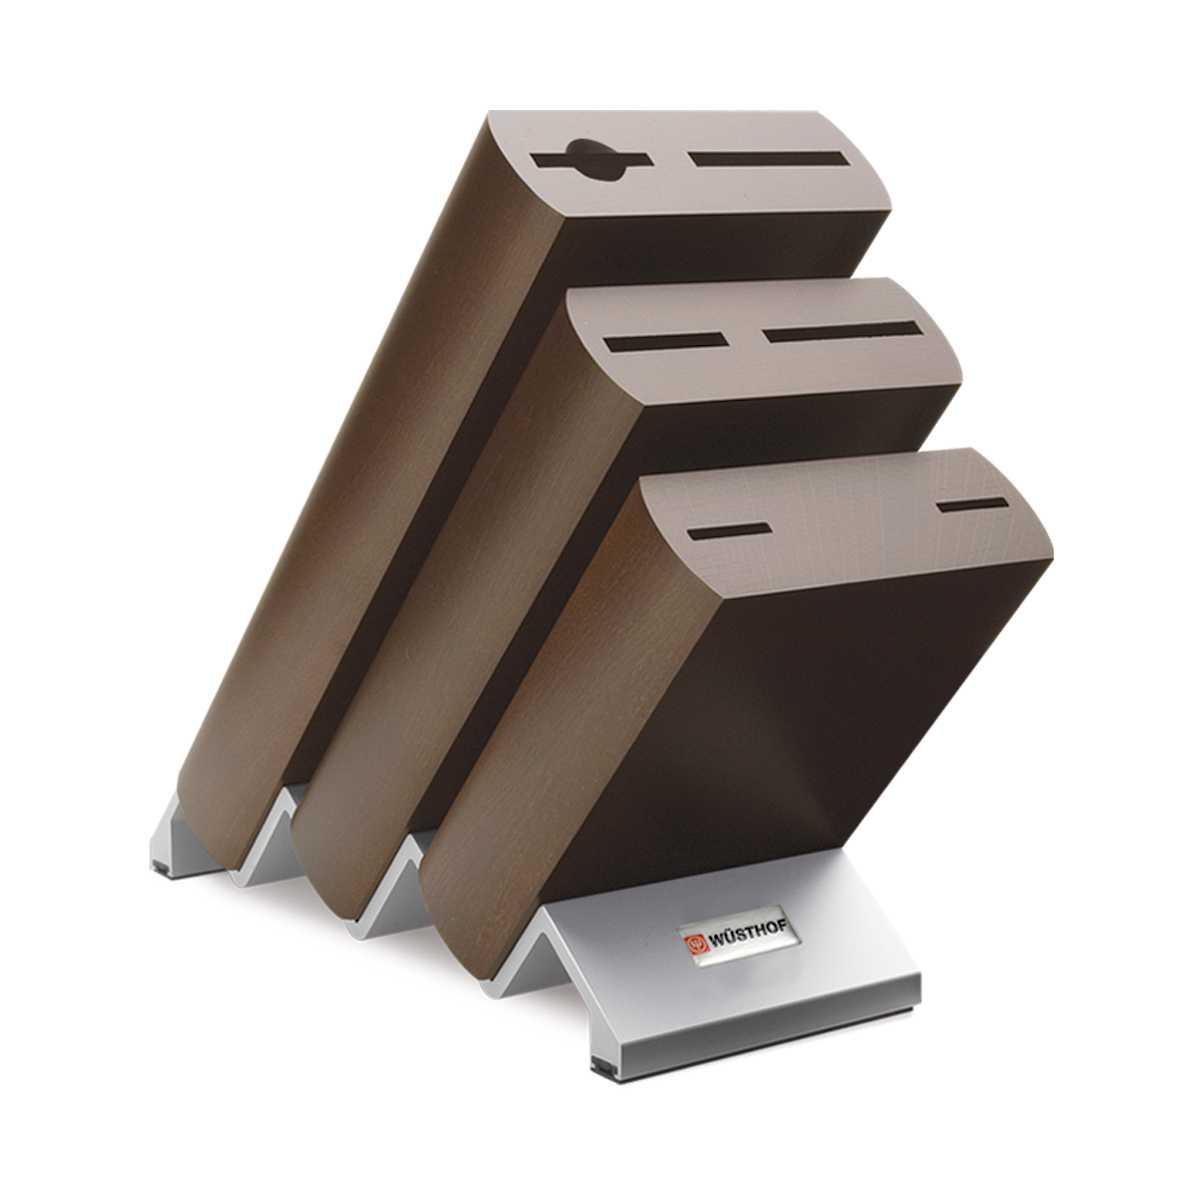 Онлайн каталог PROMENU: Блок для ножей Wuesthof Storing Accessories, коричневый Wuesthof 7251